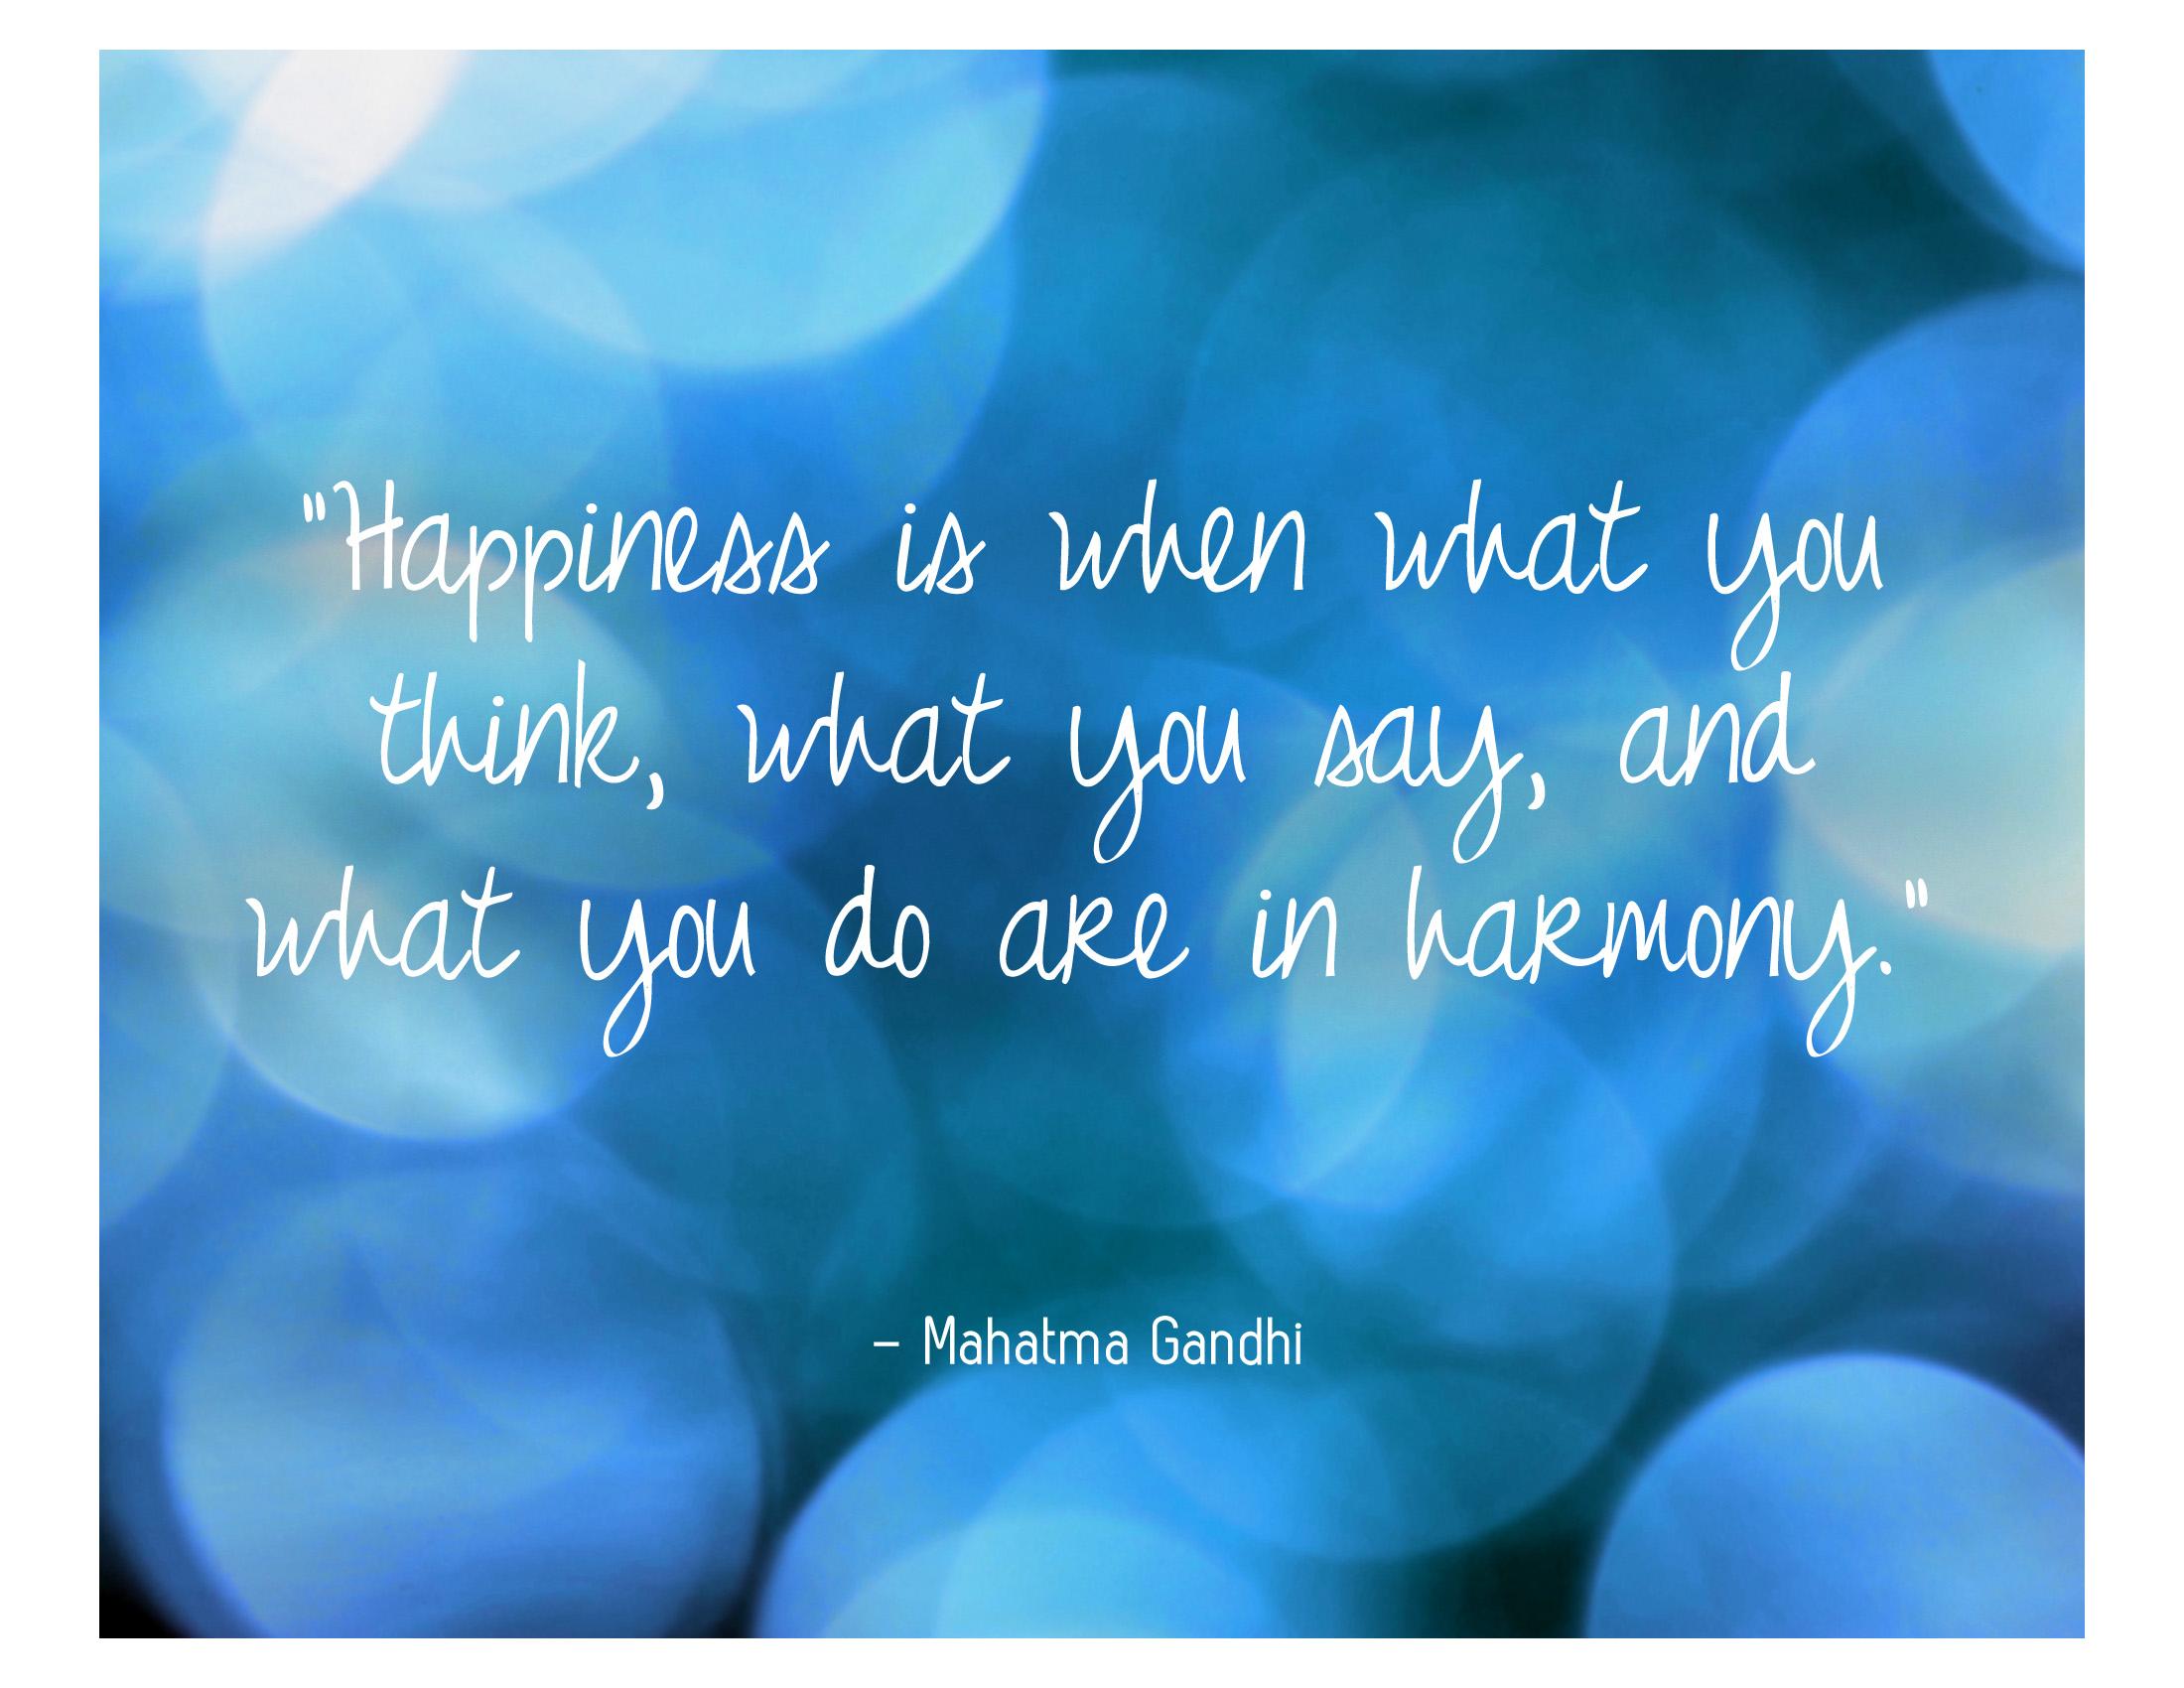 Mahatma Gandhi Quotes Happiness. QuotesGram